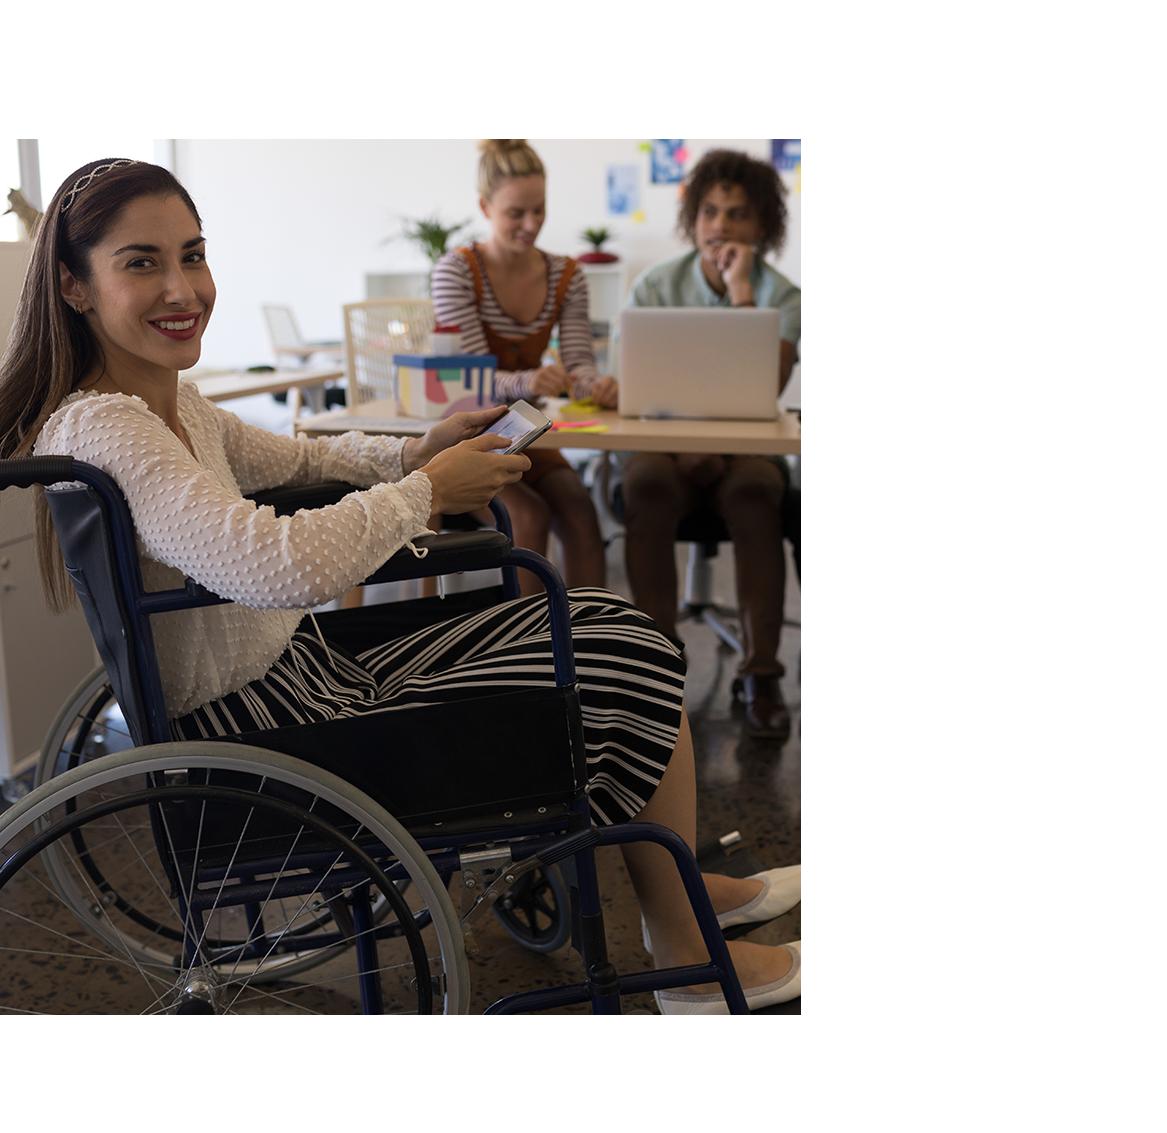 Una mujer en silla de ruedas posa sonriente ante la camara.